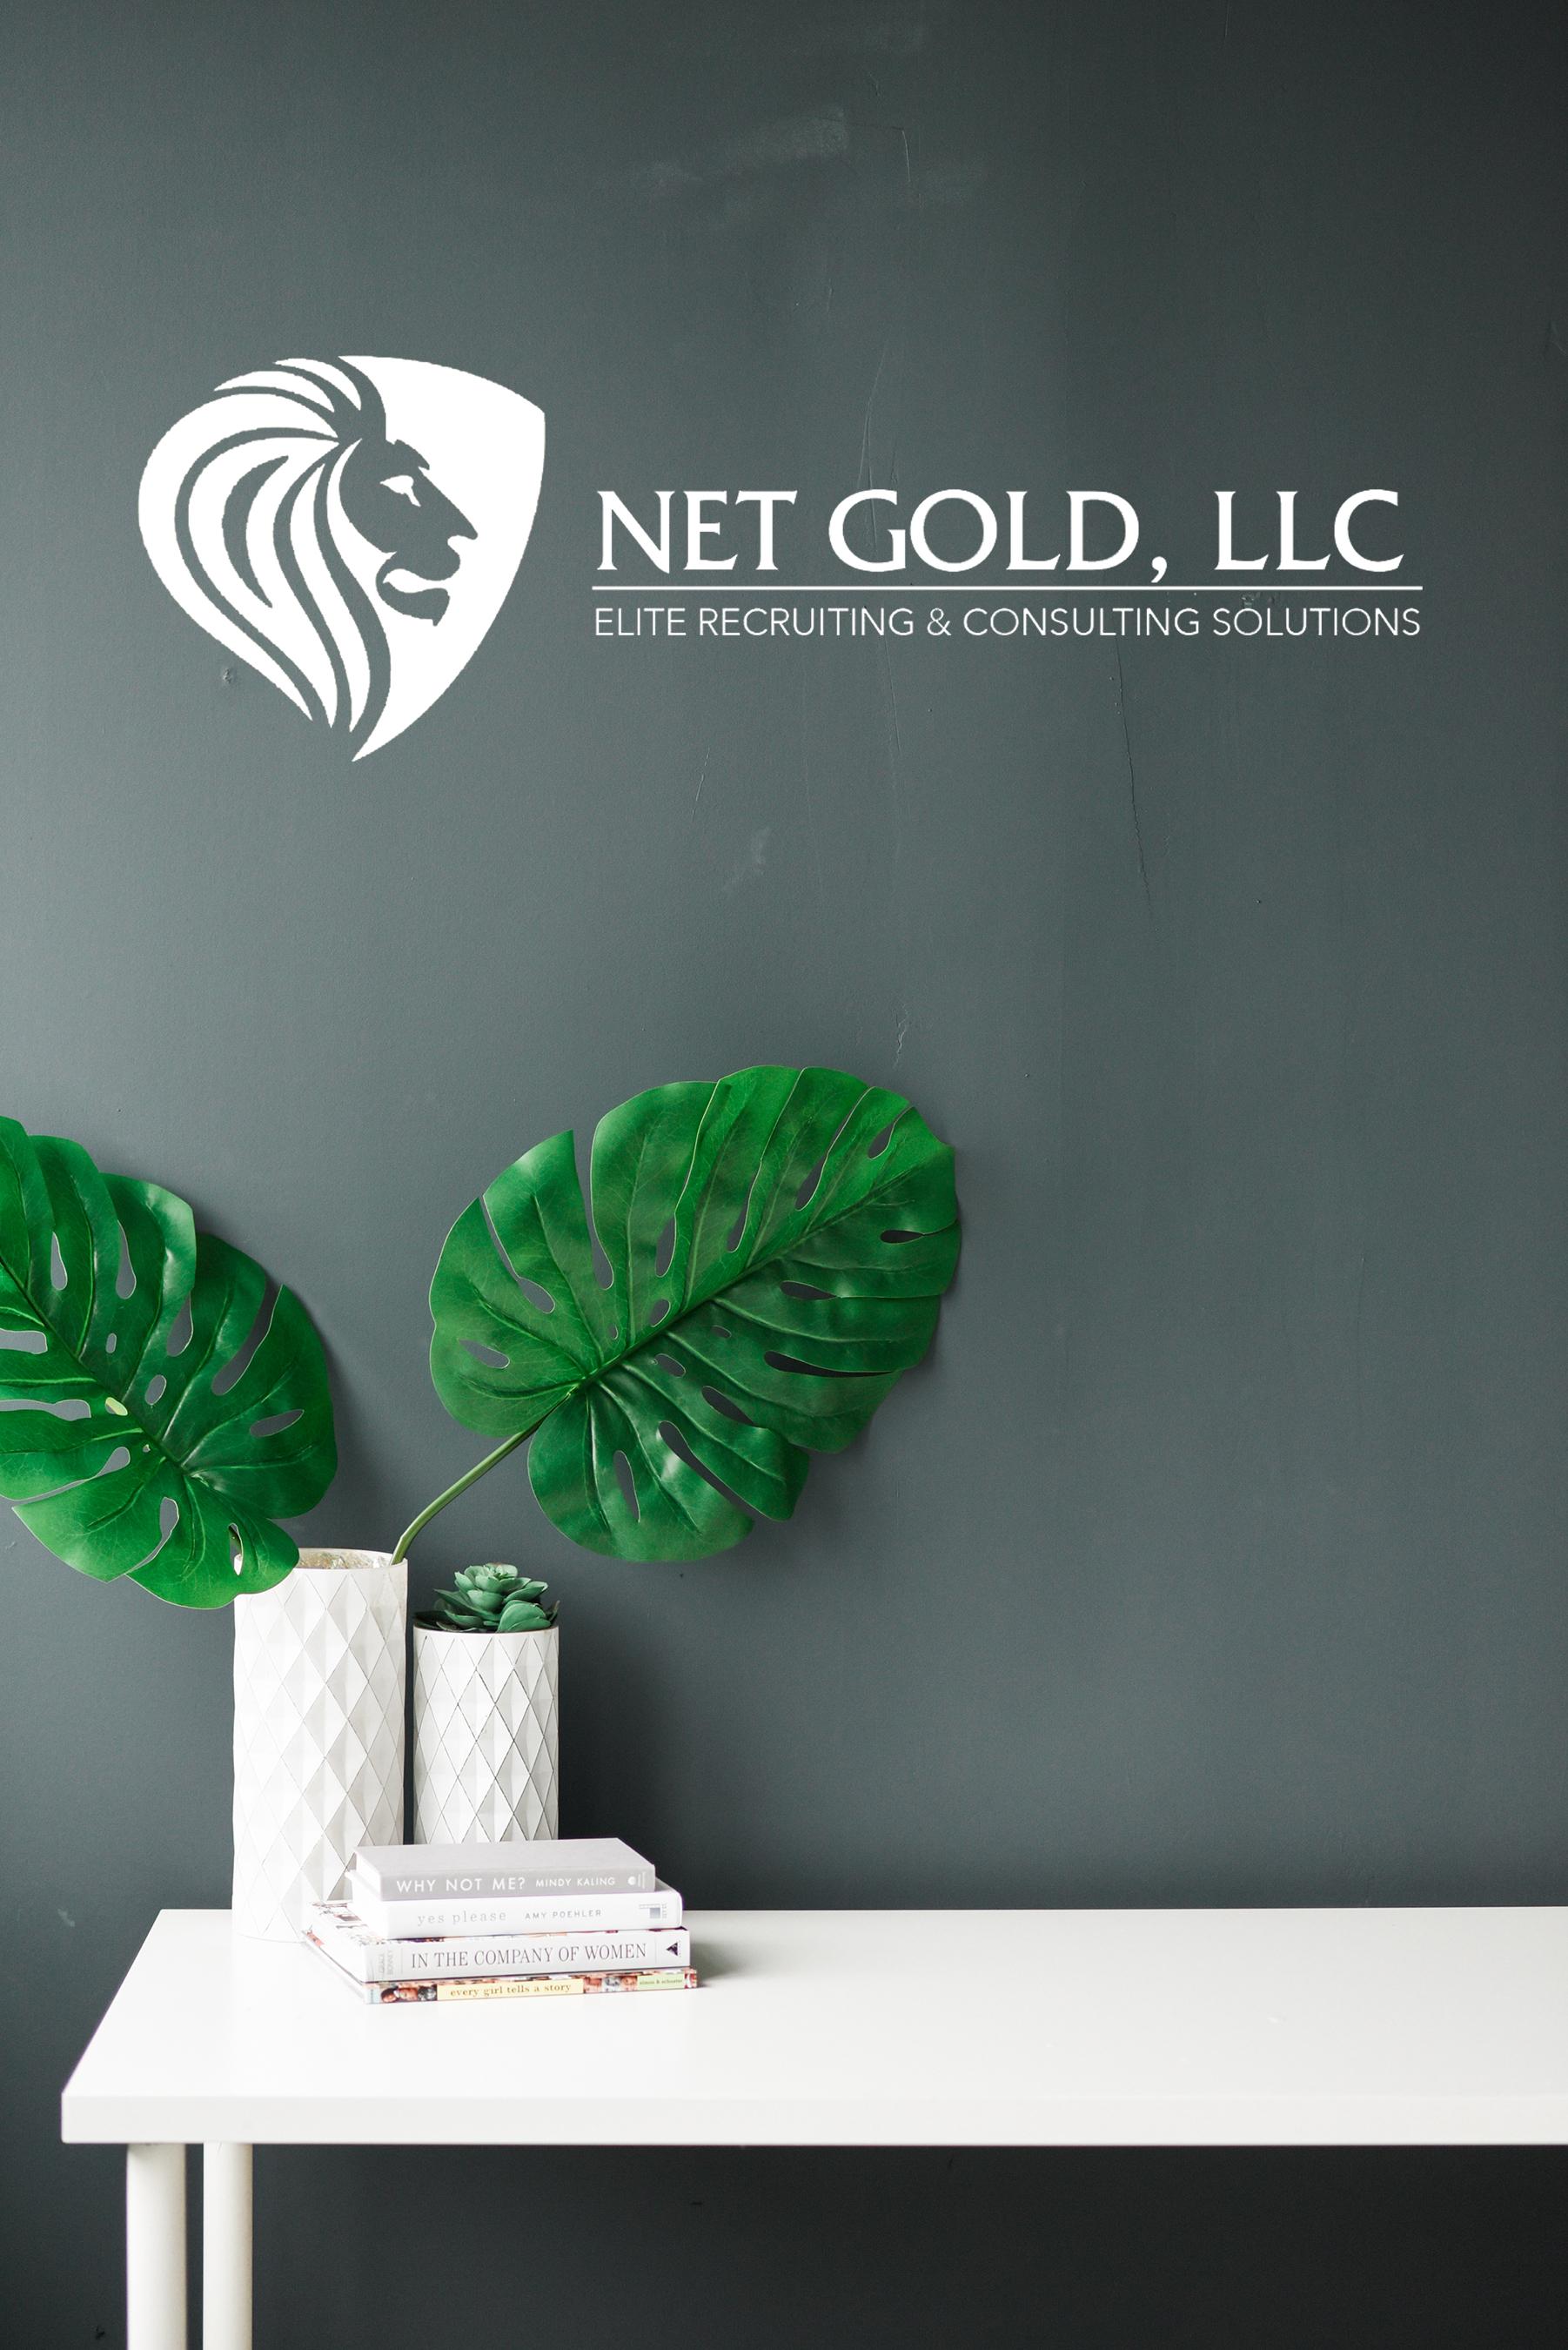 Net Gold, LLC